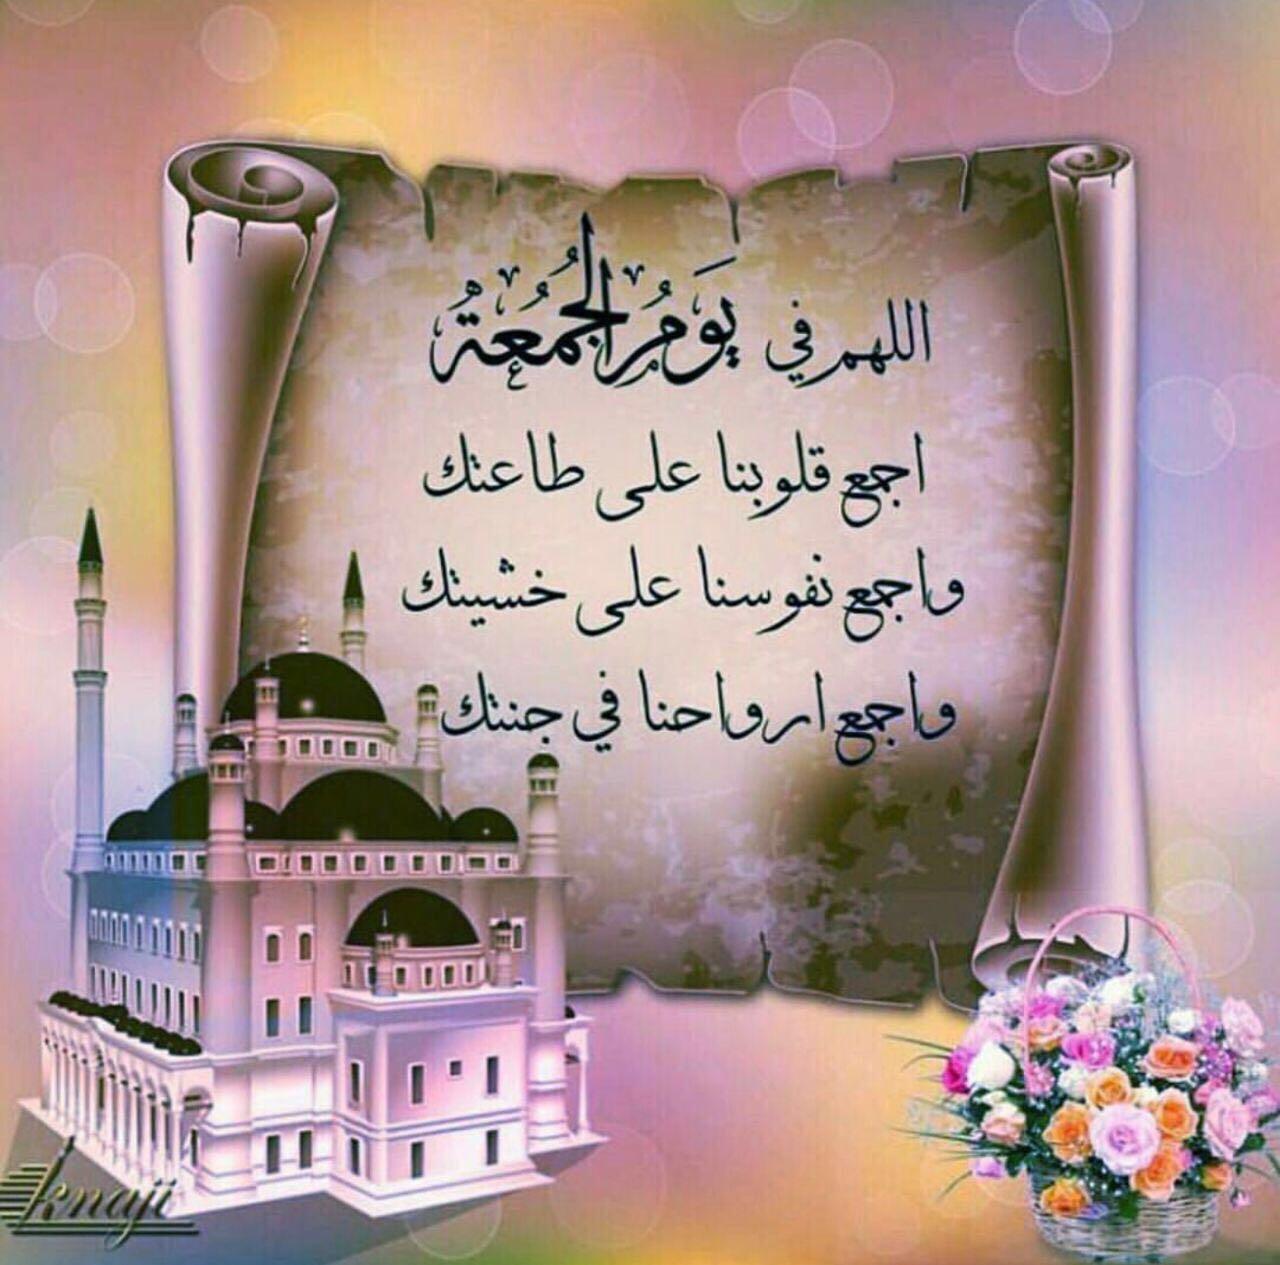 بالصور صباح الجمعه , صور ليوم الجمعه 5892 7